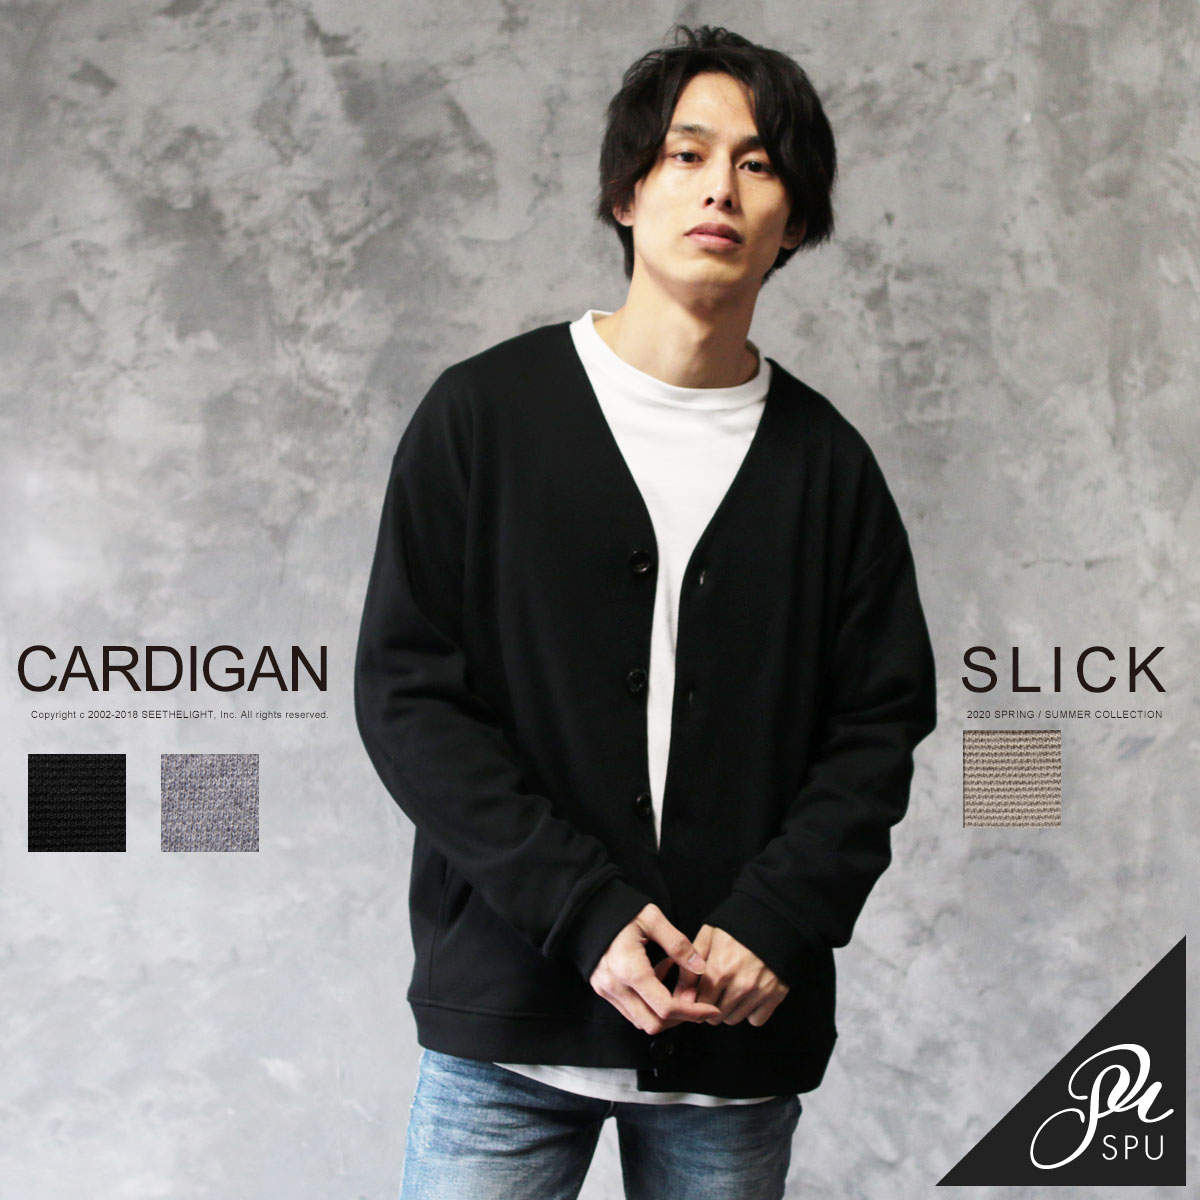 カーディガン メンズ 秋 春 ファッション 天竺ミラノ ポンチ ダブルフェイスカーディガン ビッグシルエット SLICK スリック 5155508